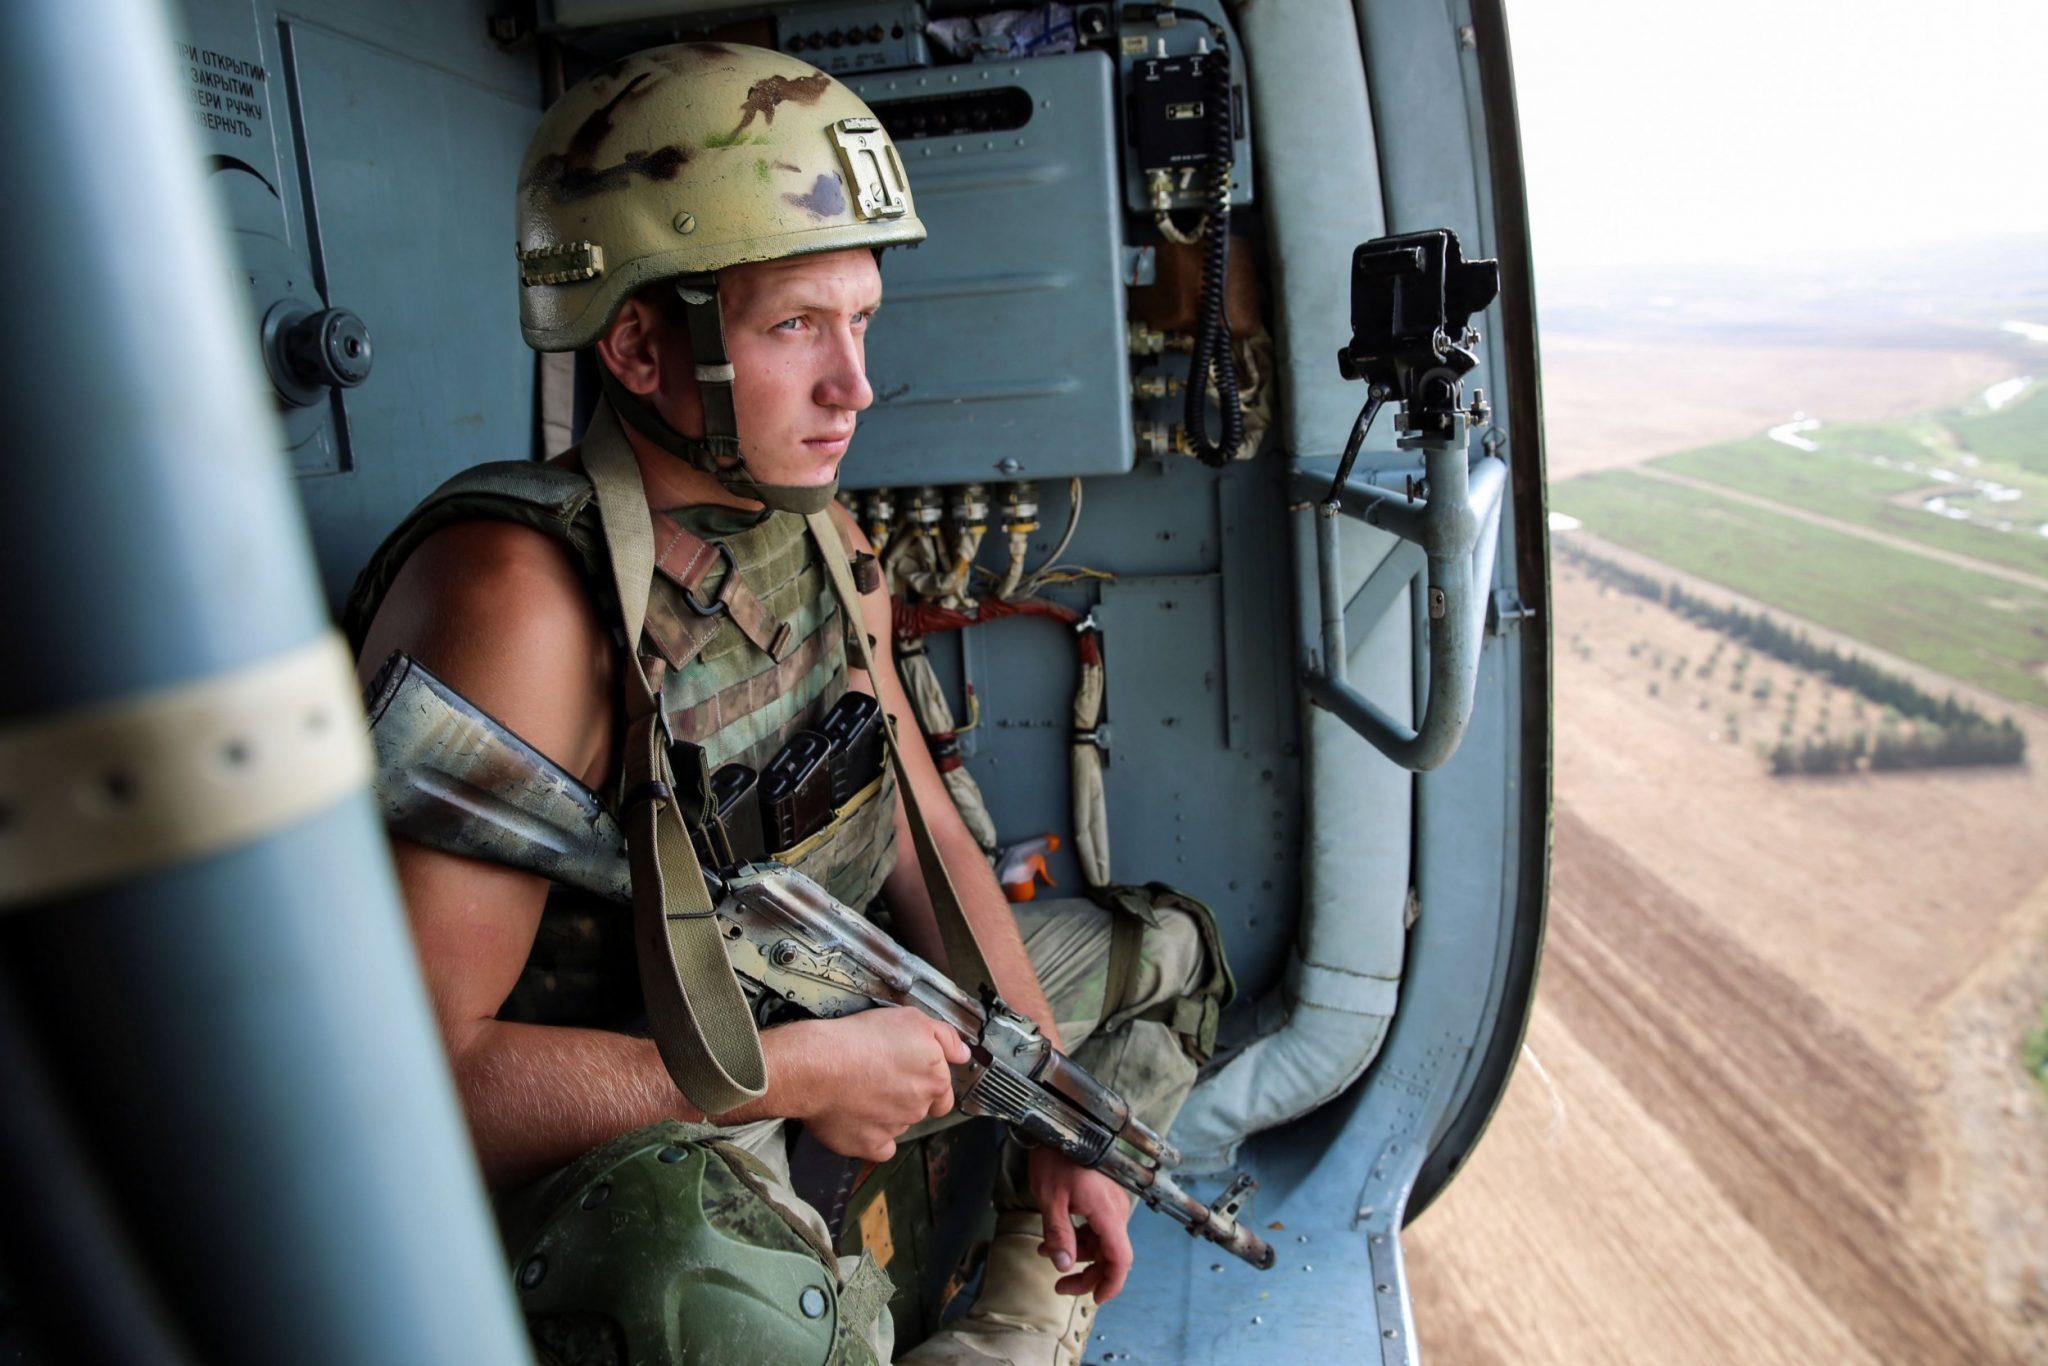 صورة فاغنر .. ميليشيا تطبخ مشاريع بوتين الإرهابية